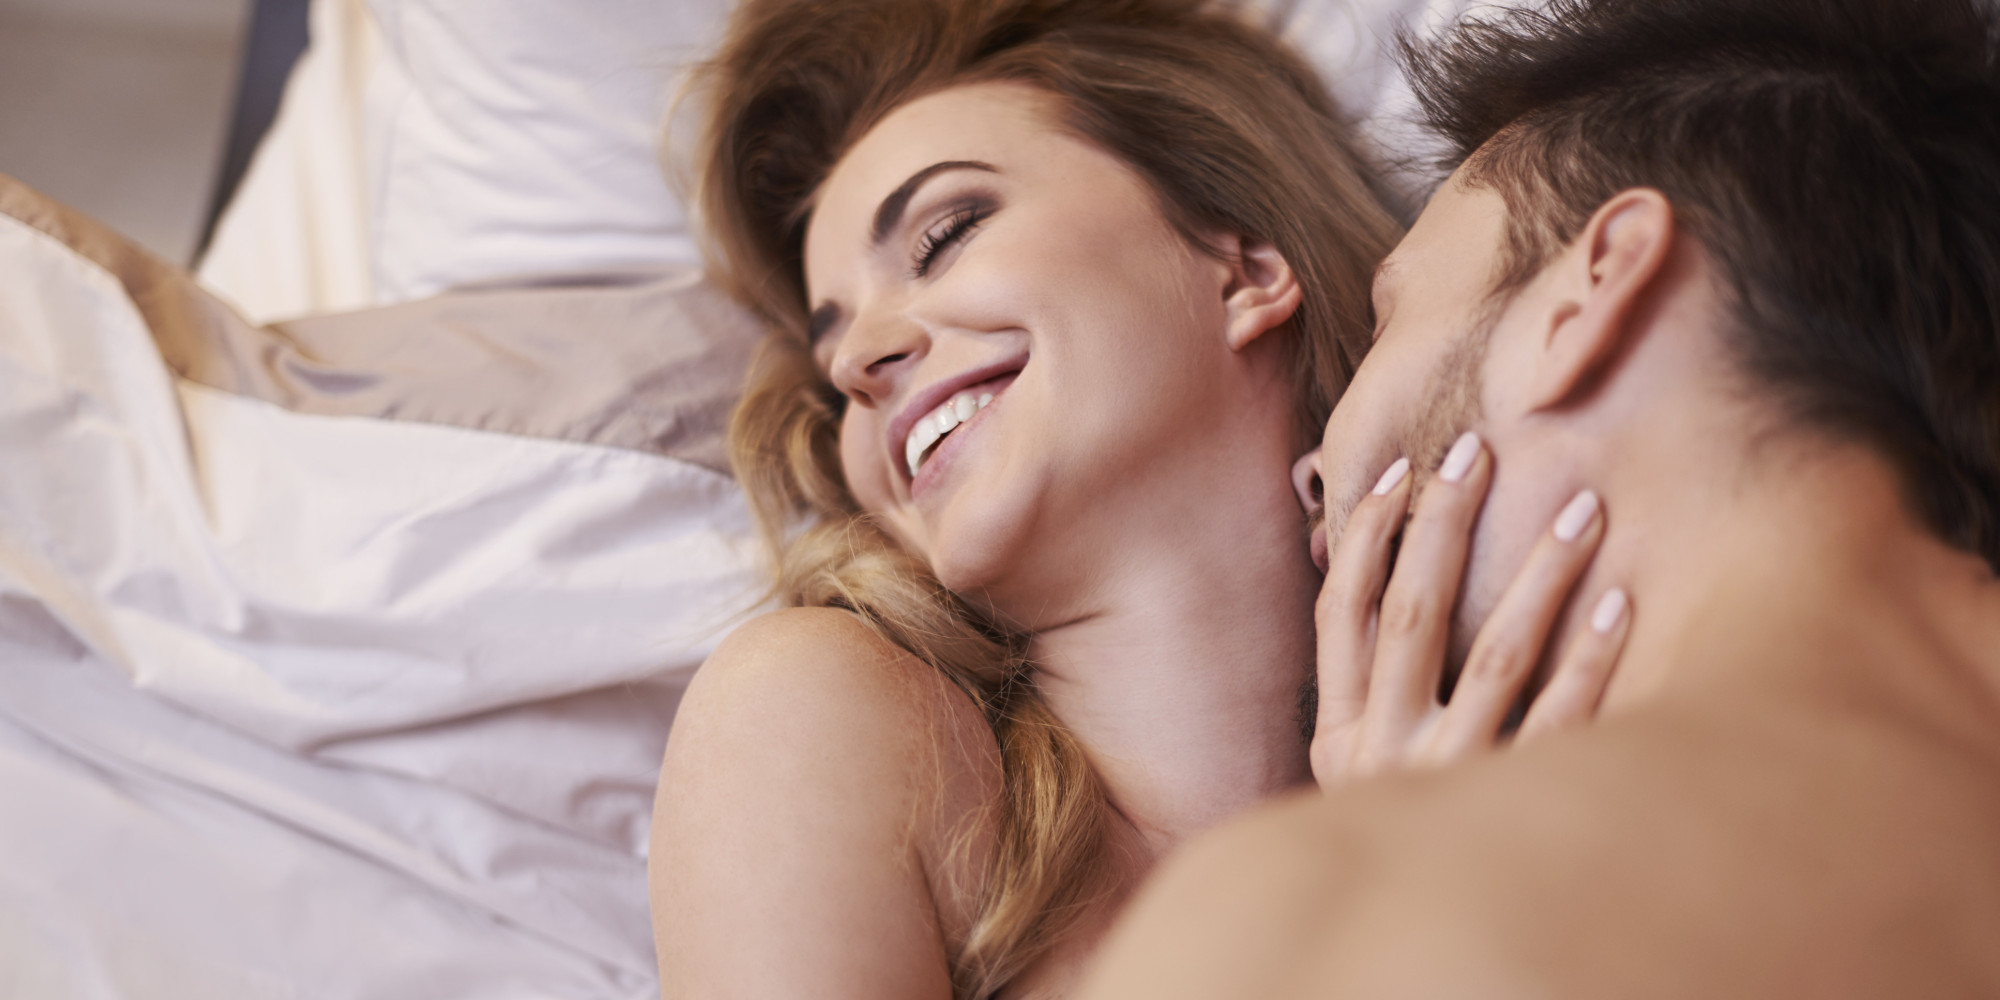 Постельный секс супругов 12 фотография